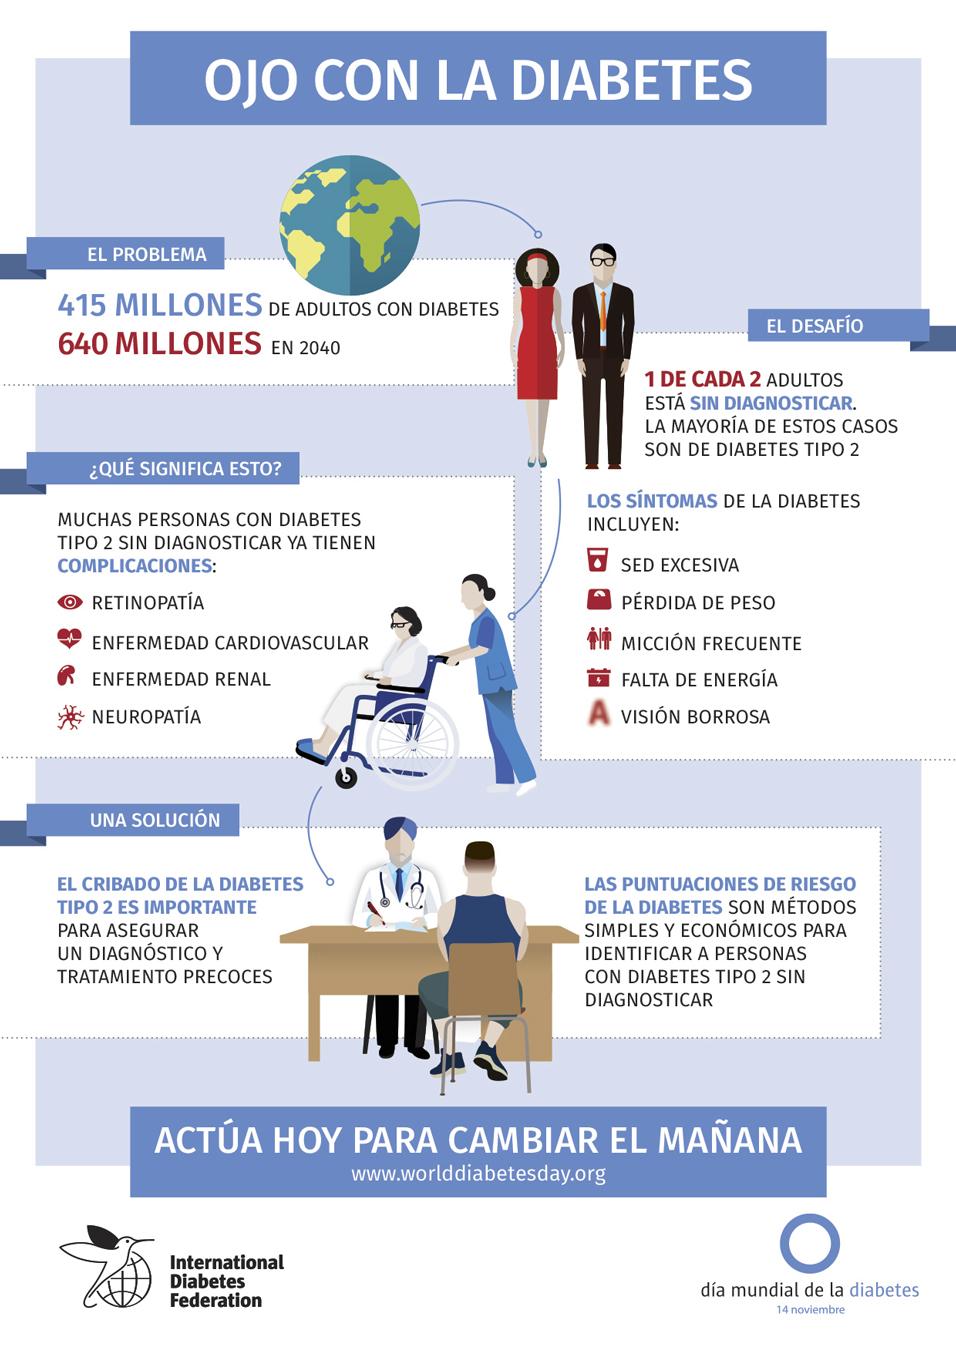 Infografía `Ojo con la diabetes´. Problema, desafío y solución (formato jpg)